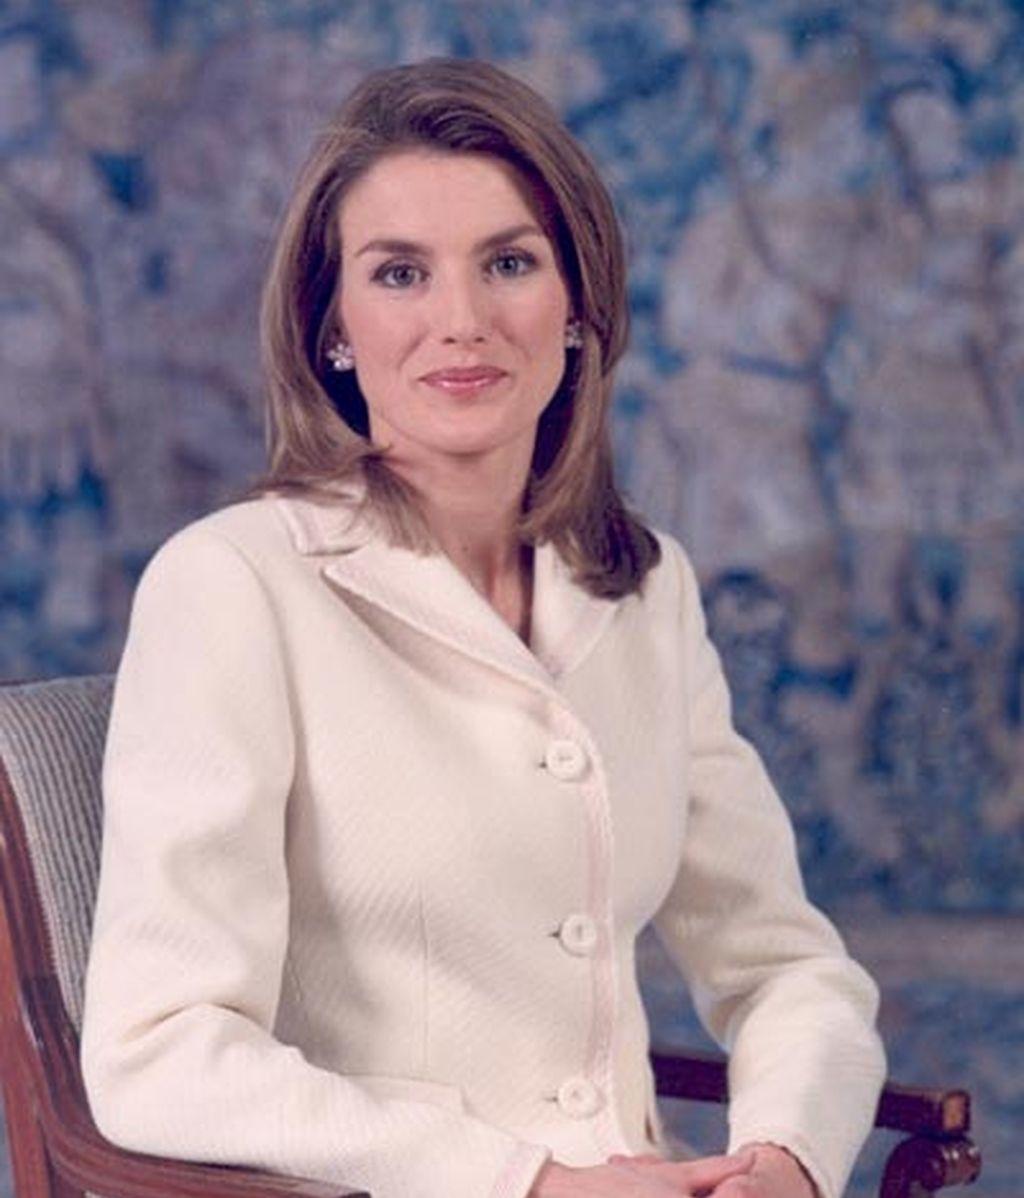 Los 'sorprendentes' cambios de look de la princesa Letizia